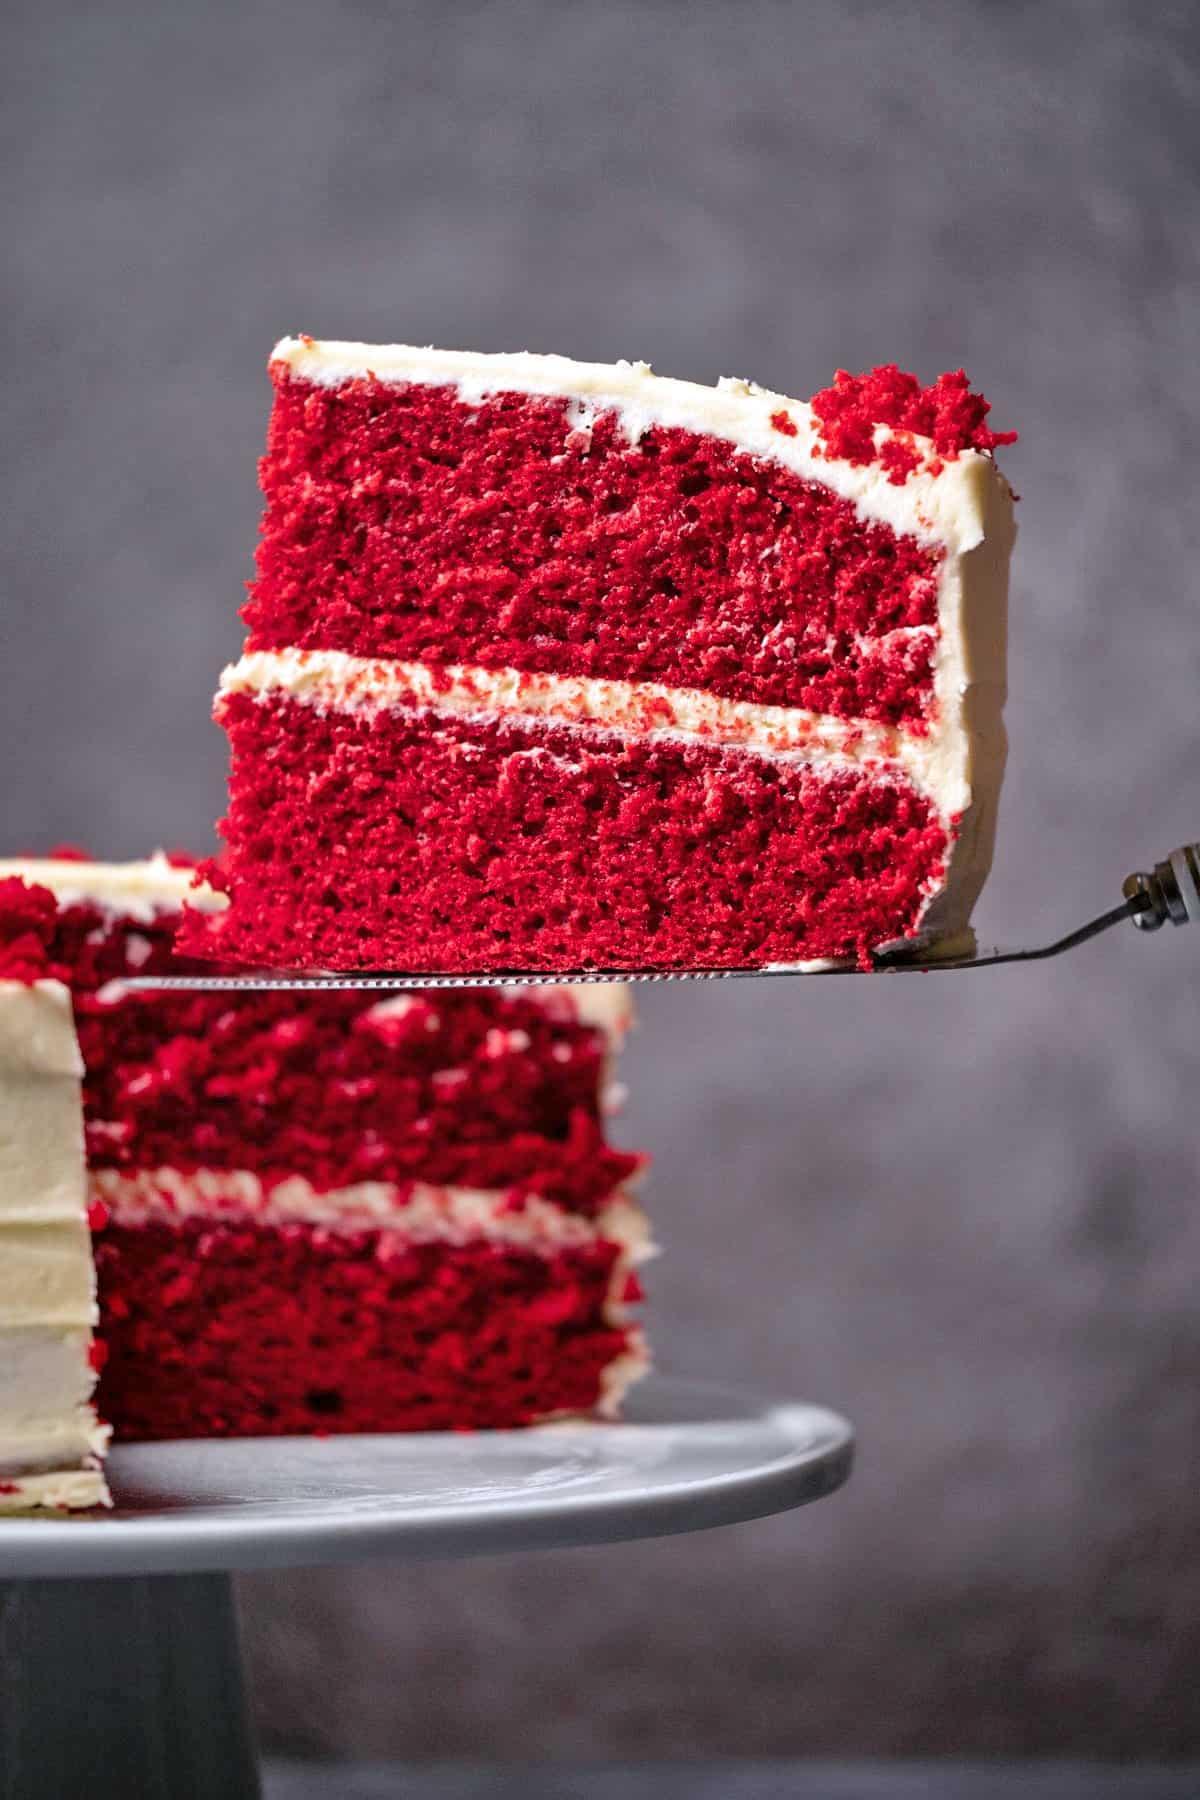 Slice of red velvet cake on a cake lifter.